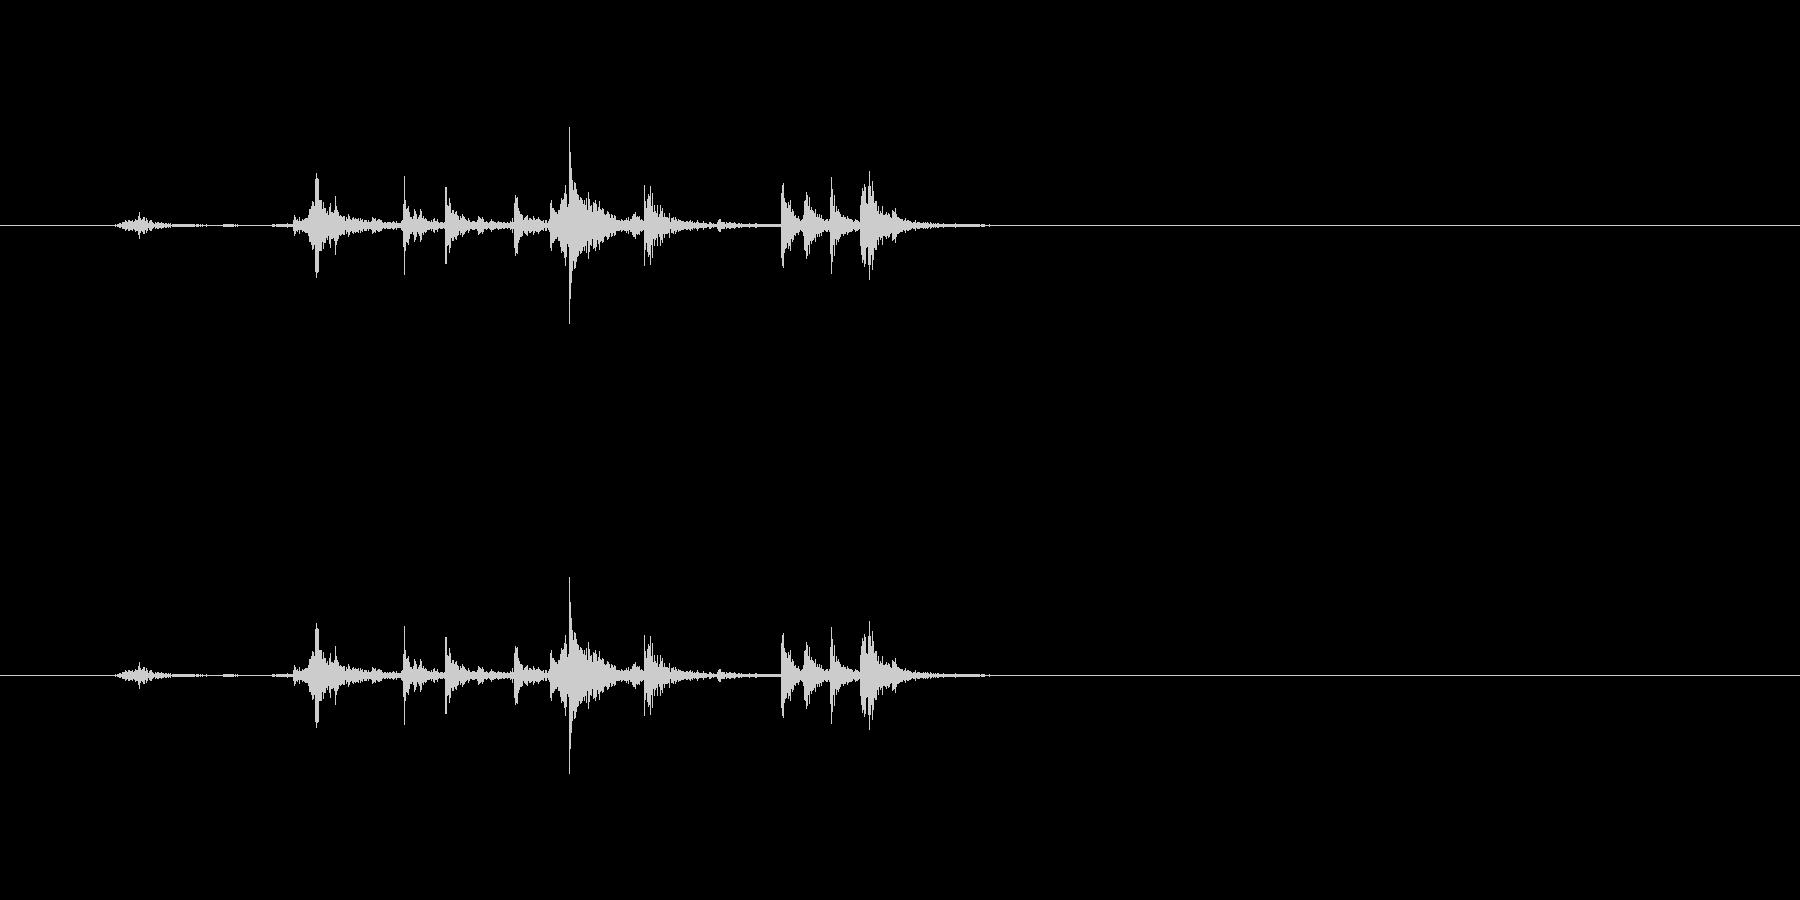 【筆箱01-1(開ける)】の未再生の波形